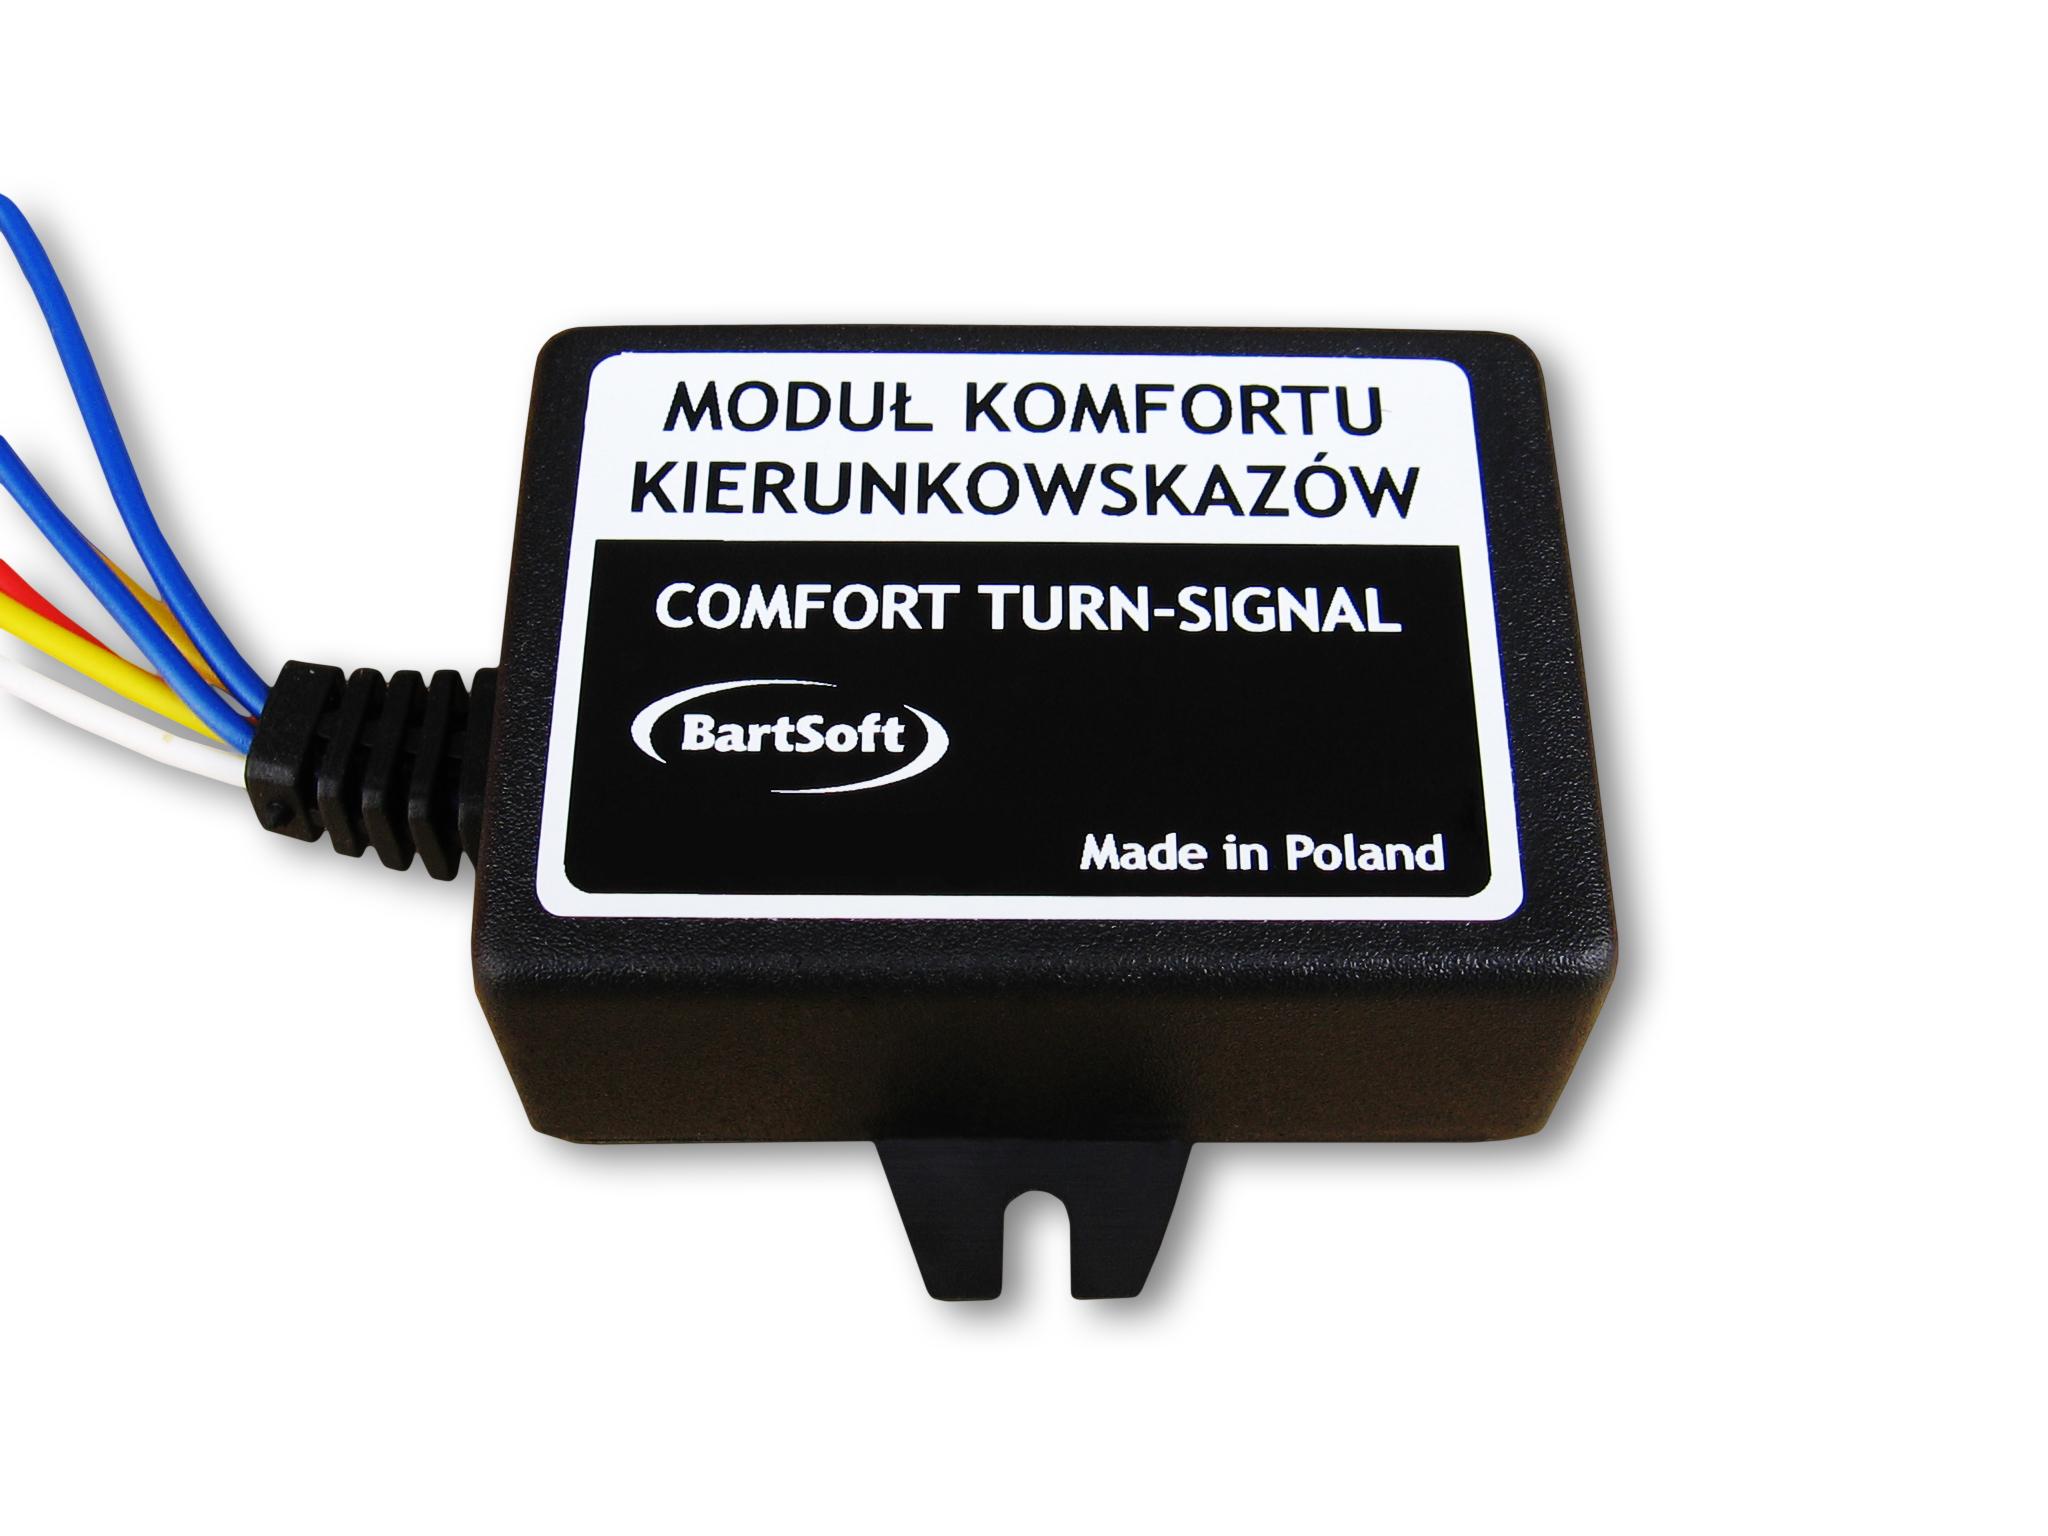 модуль комфорта указателей поворота - new 2015